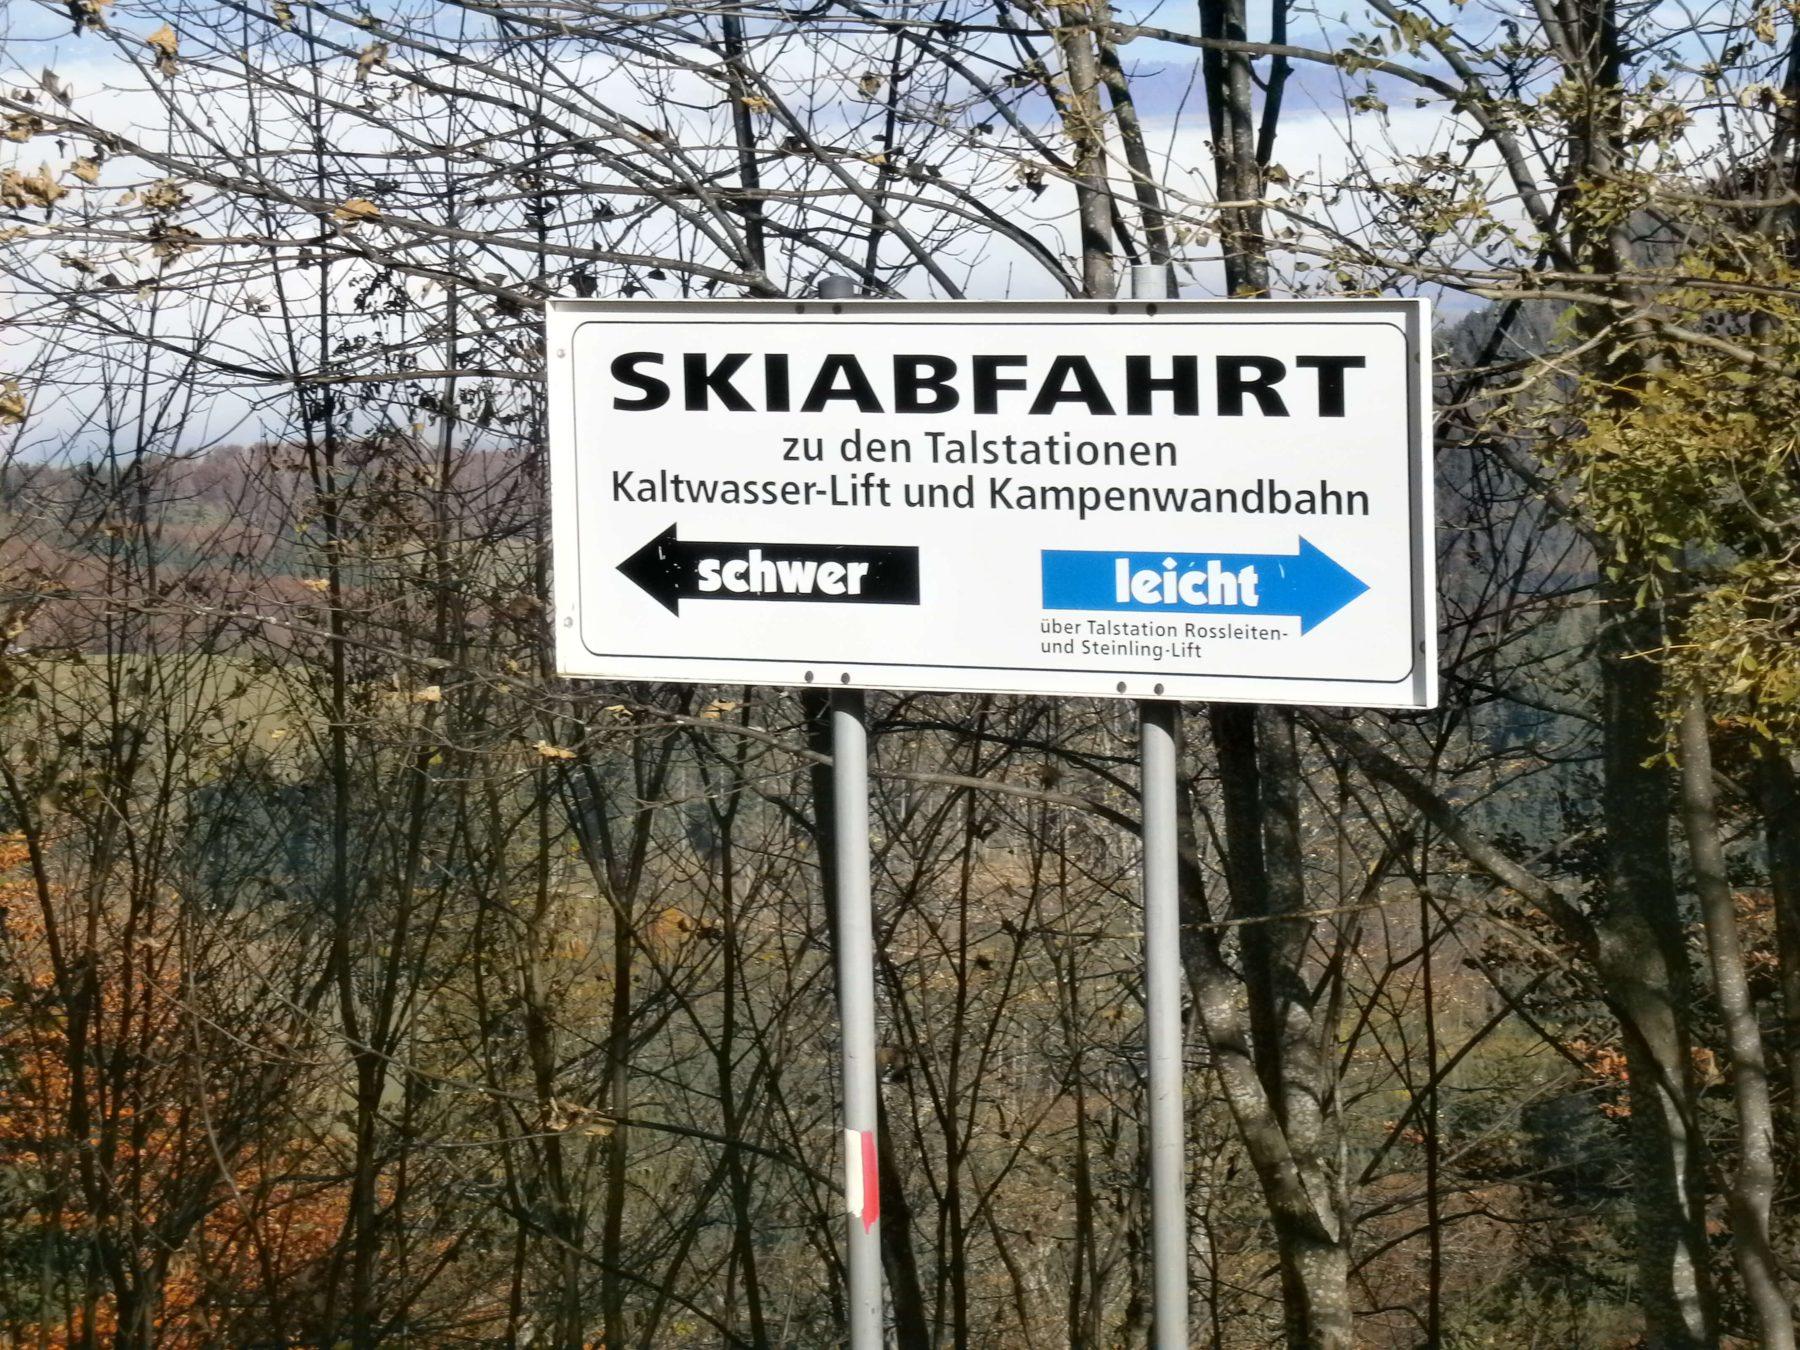 kampenwand-skiabfahrtsschild-schwer-leicht